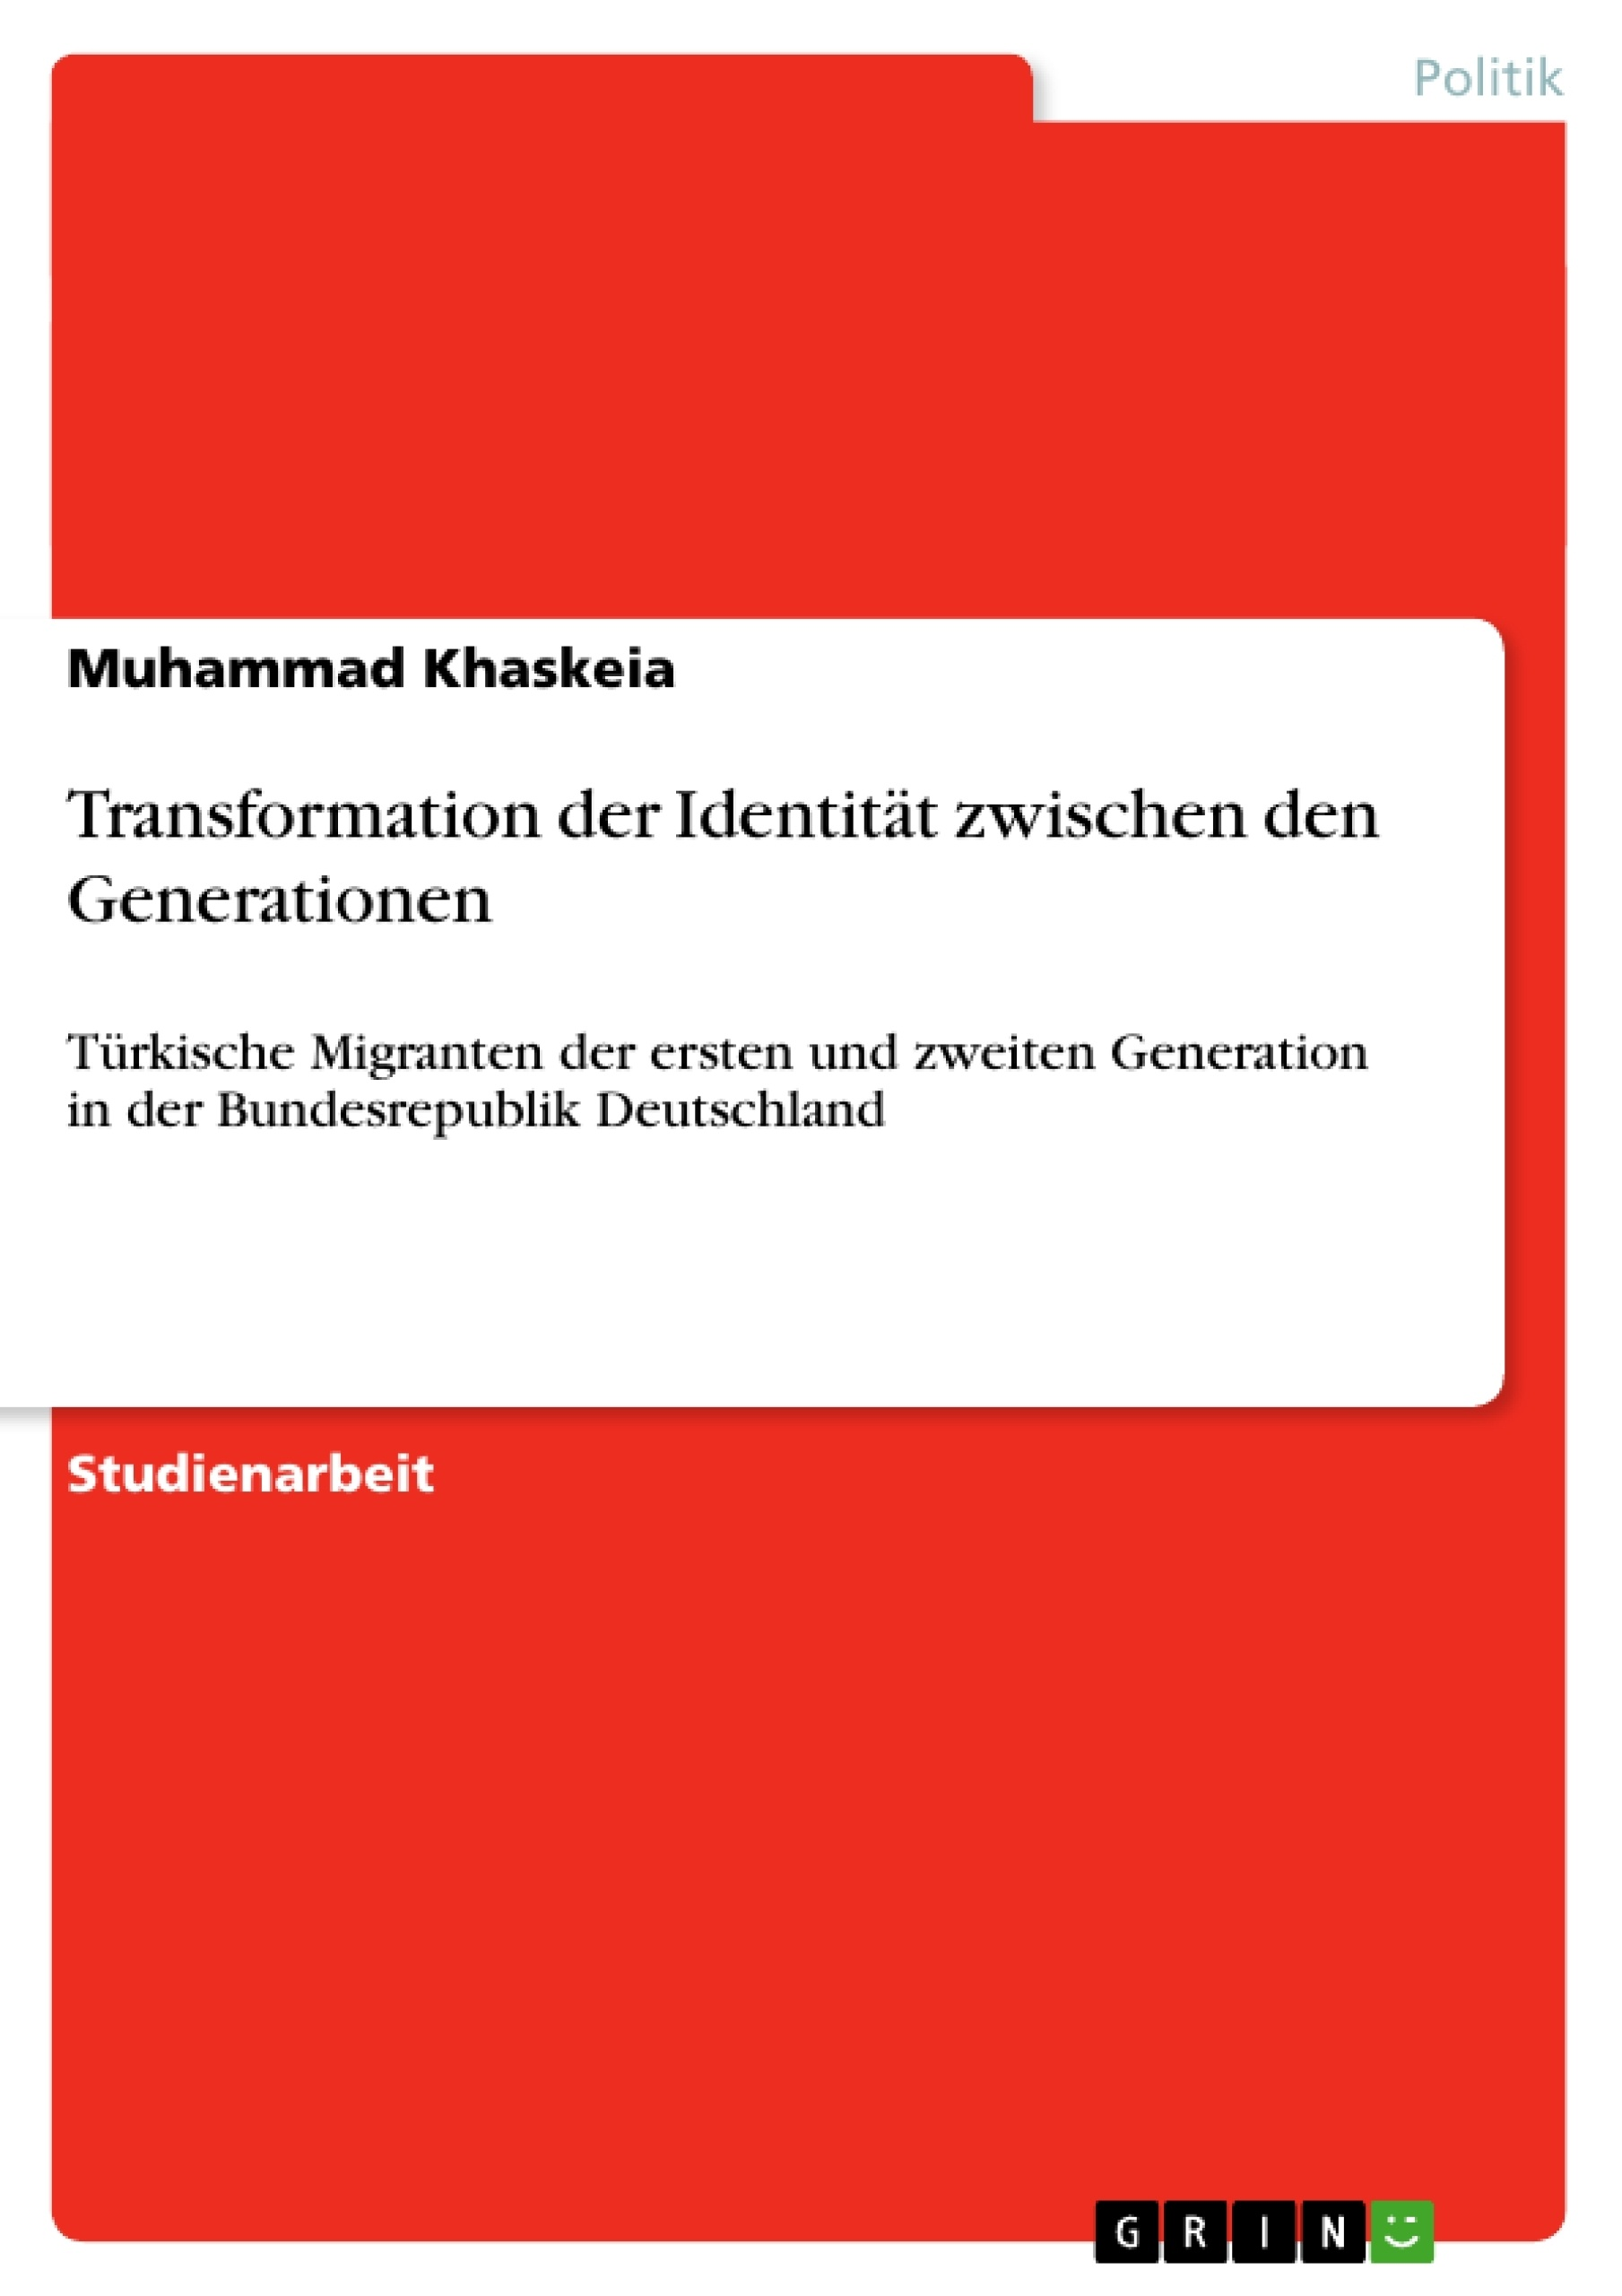 Titel: Transformation der Identität zwischen den Generationen